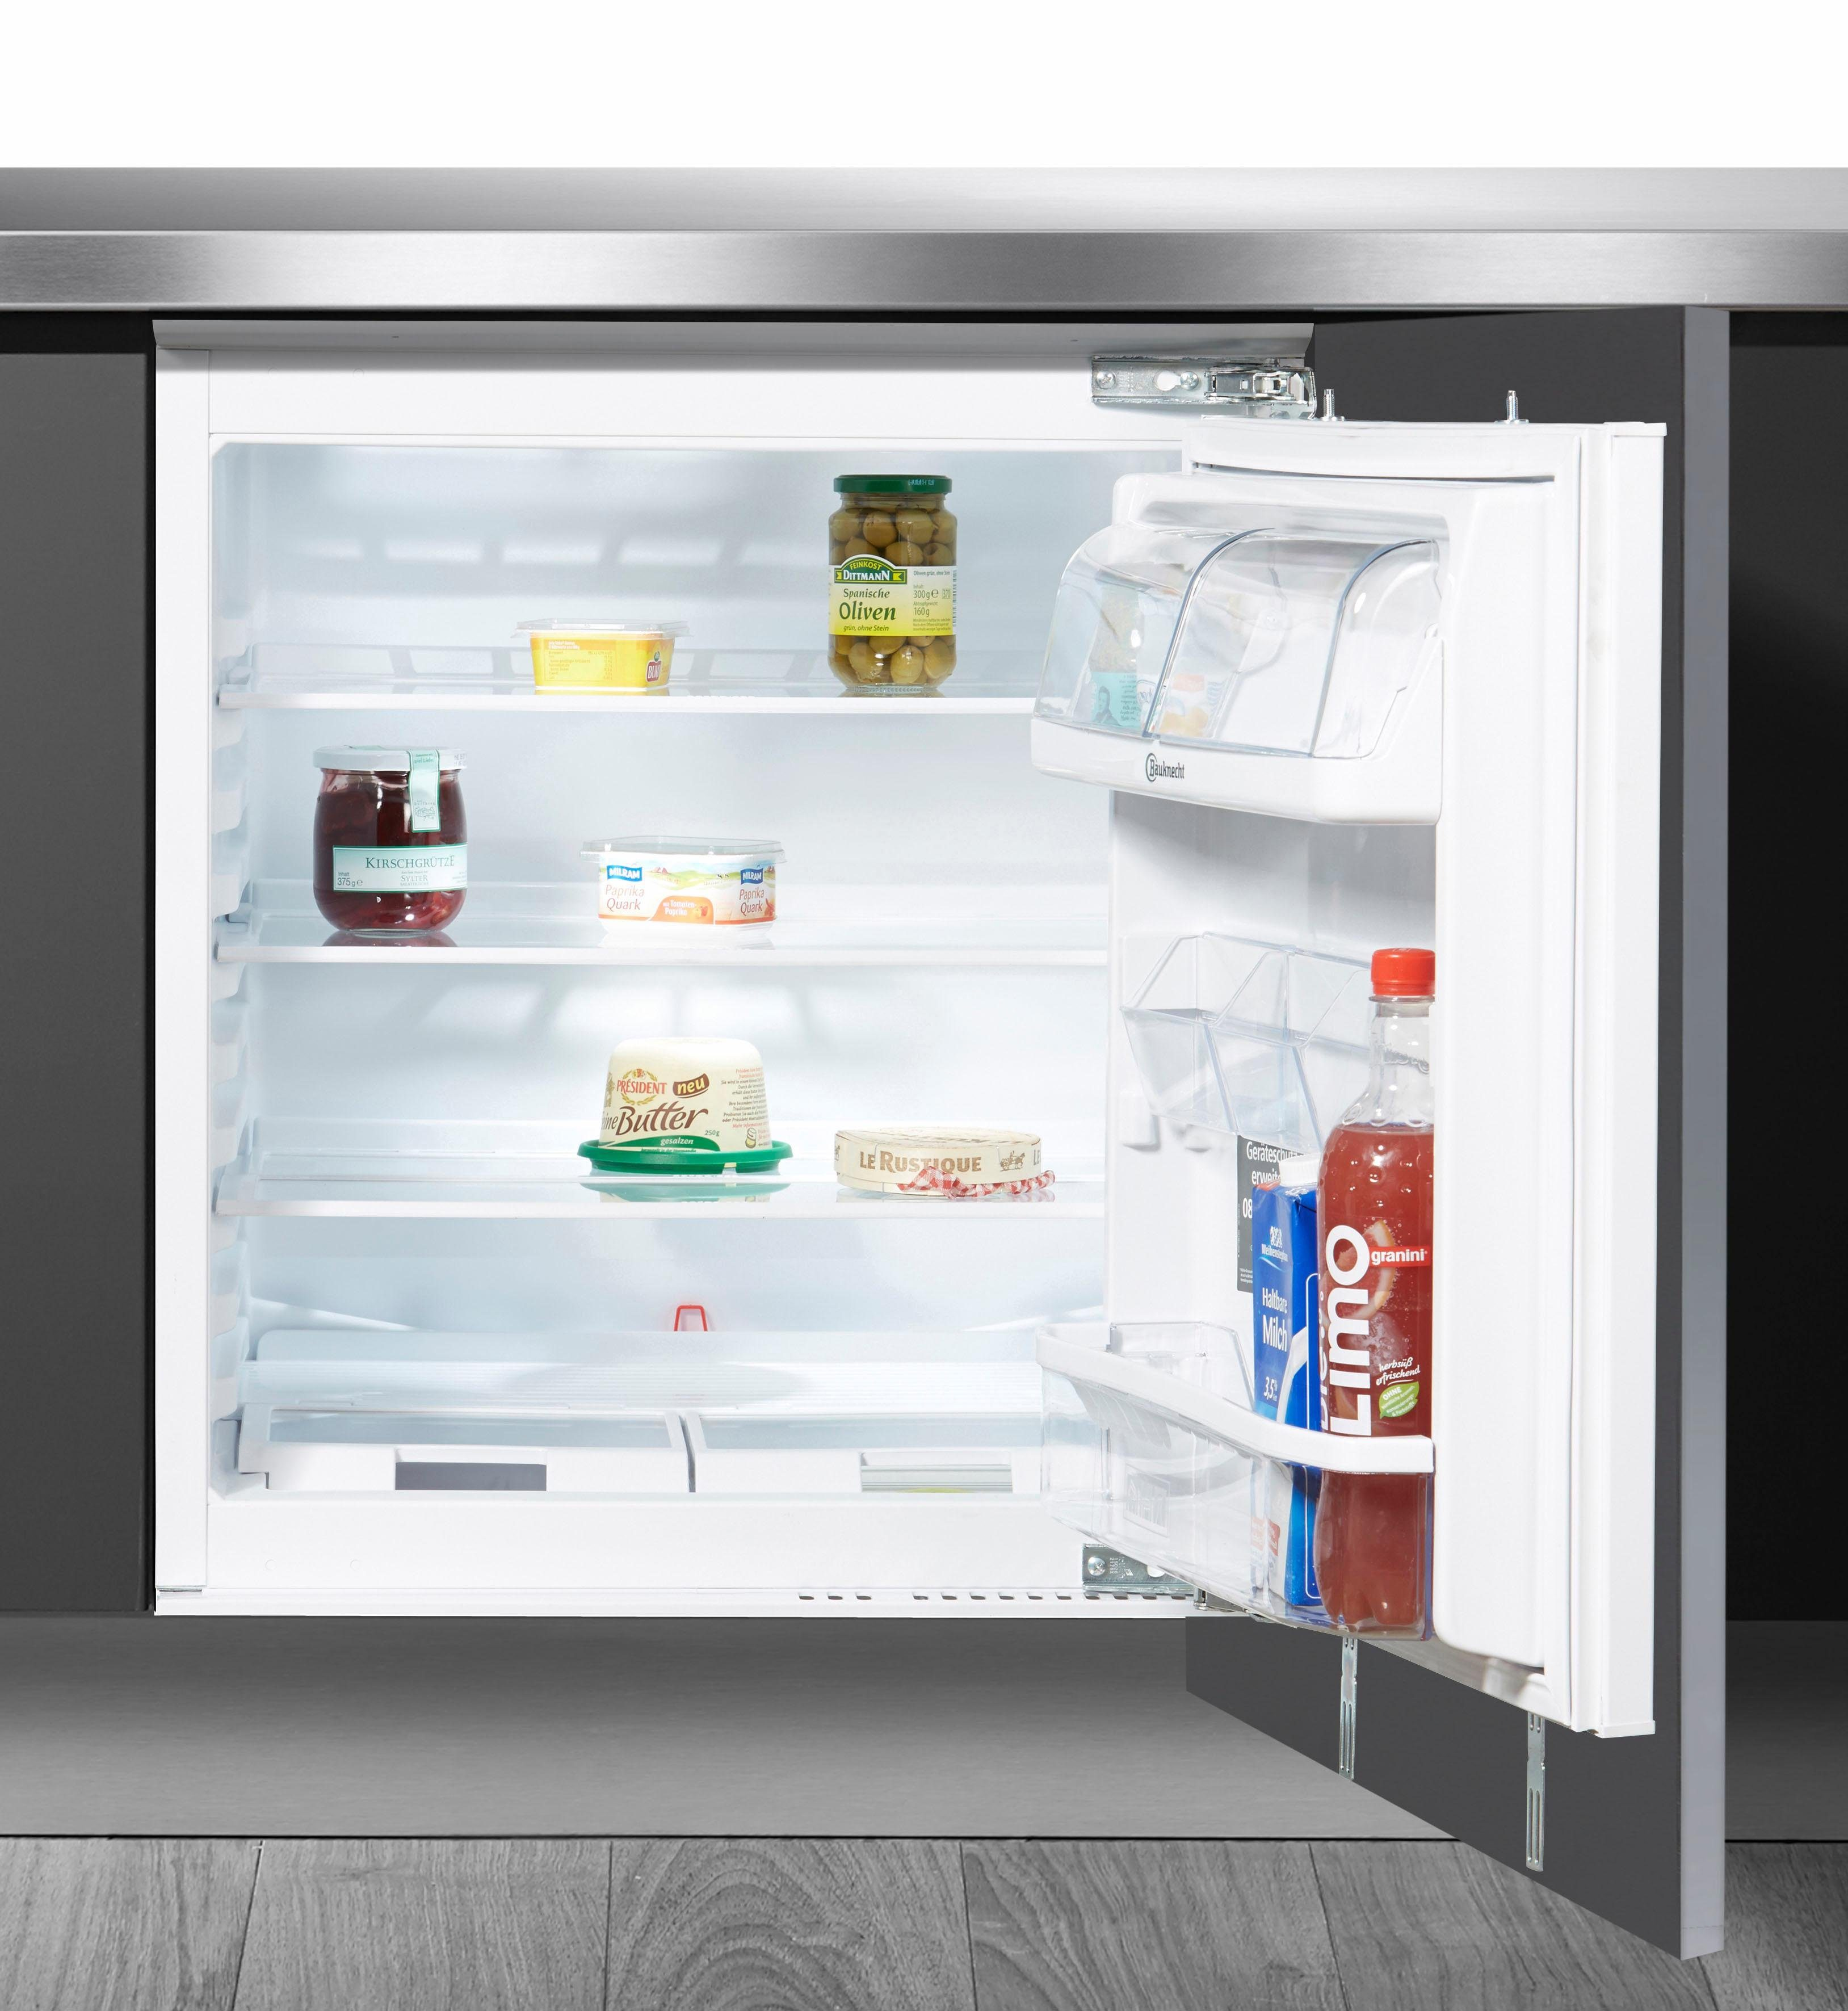 Bauknecht integrierbarer Unterbaukühlschrank KR 923 A++, Energieklasse A++, 81,5 cm hoch